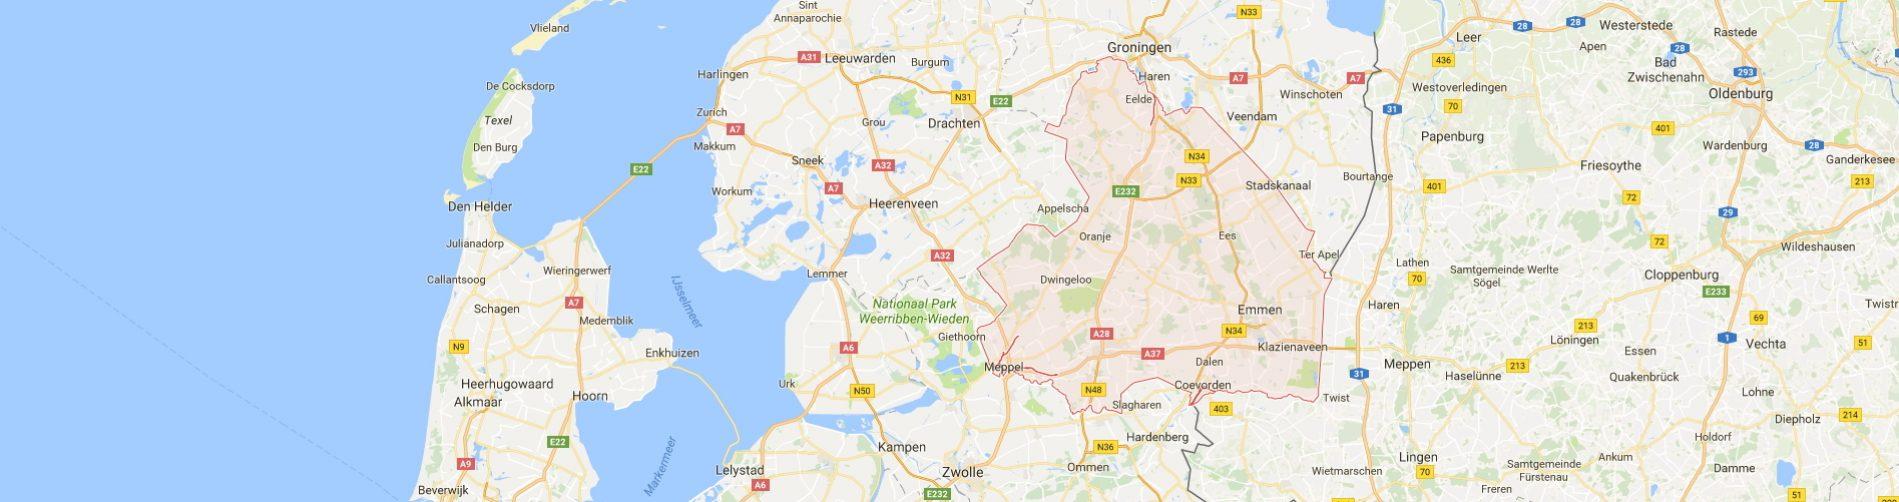 Particuliere Thuiszorg Nederland in Drenthe